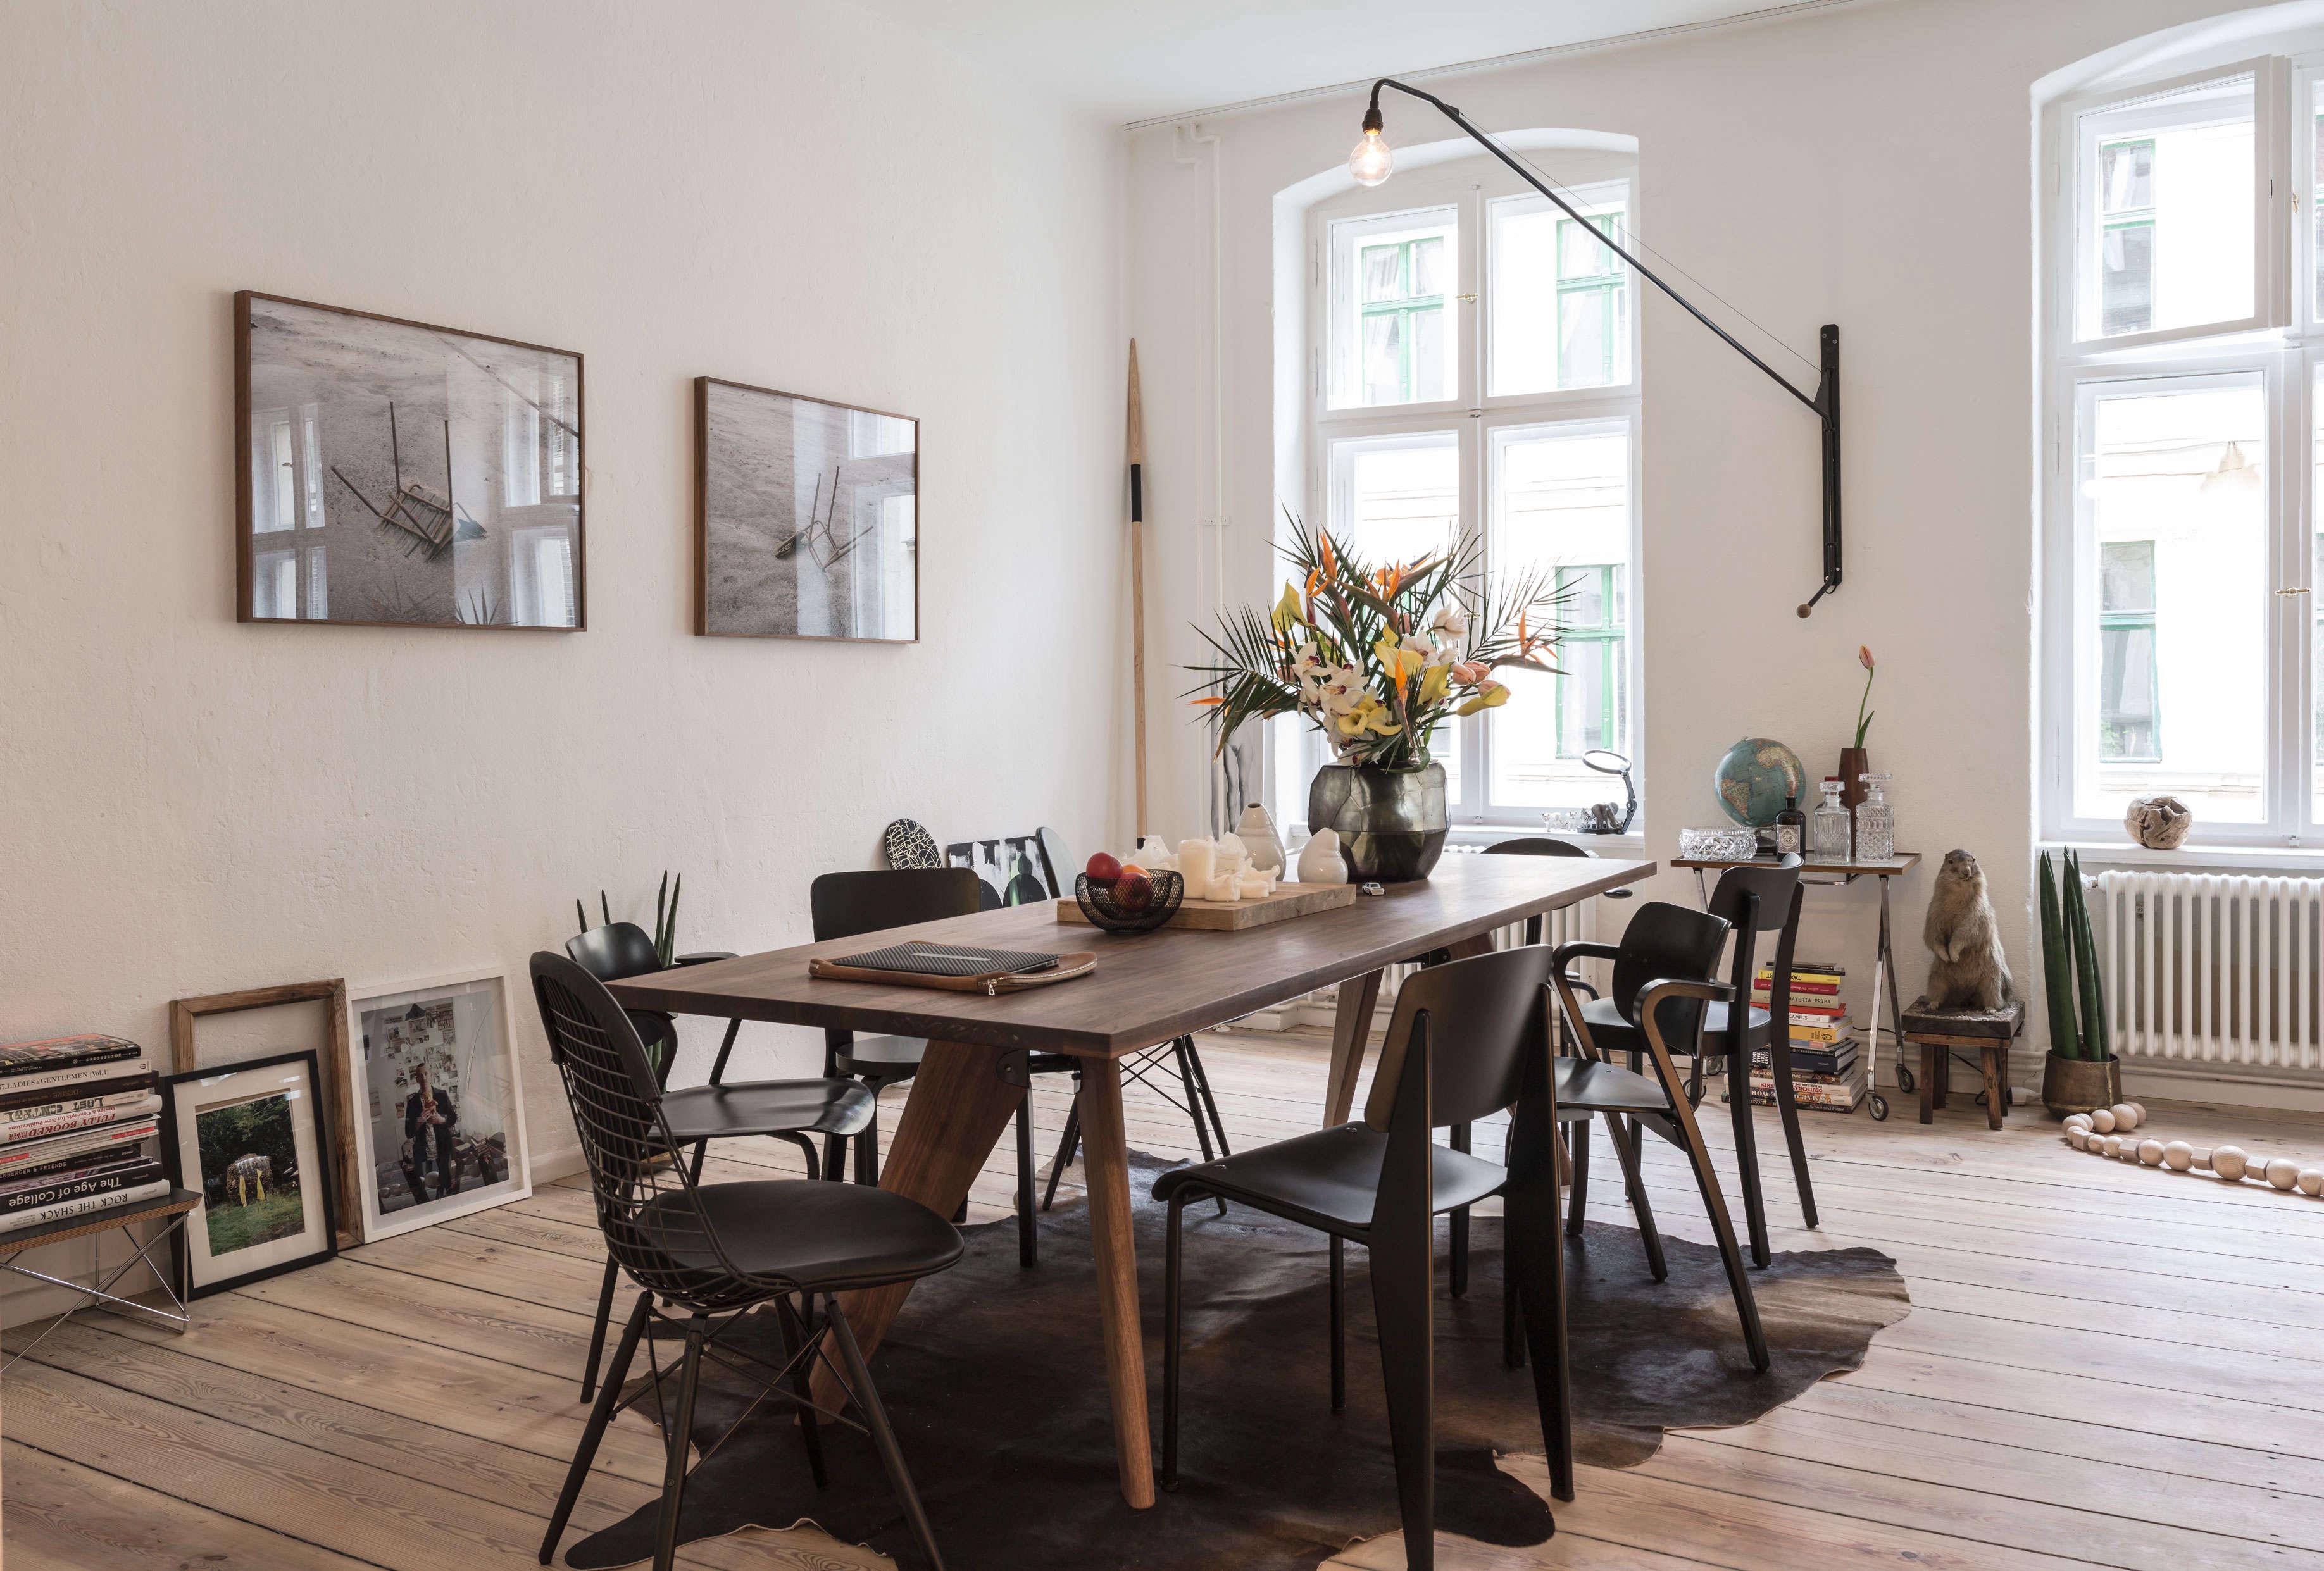 Freunde von Freunden Berlin Apartment for Rent